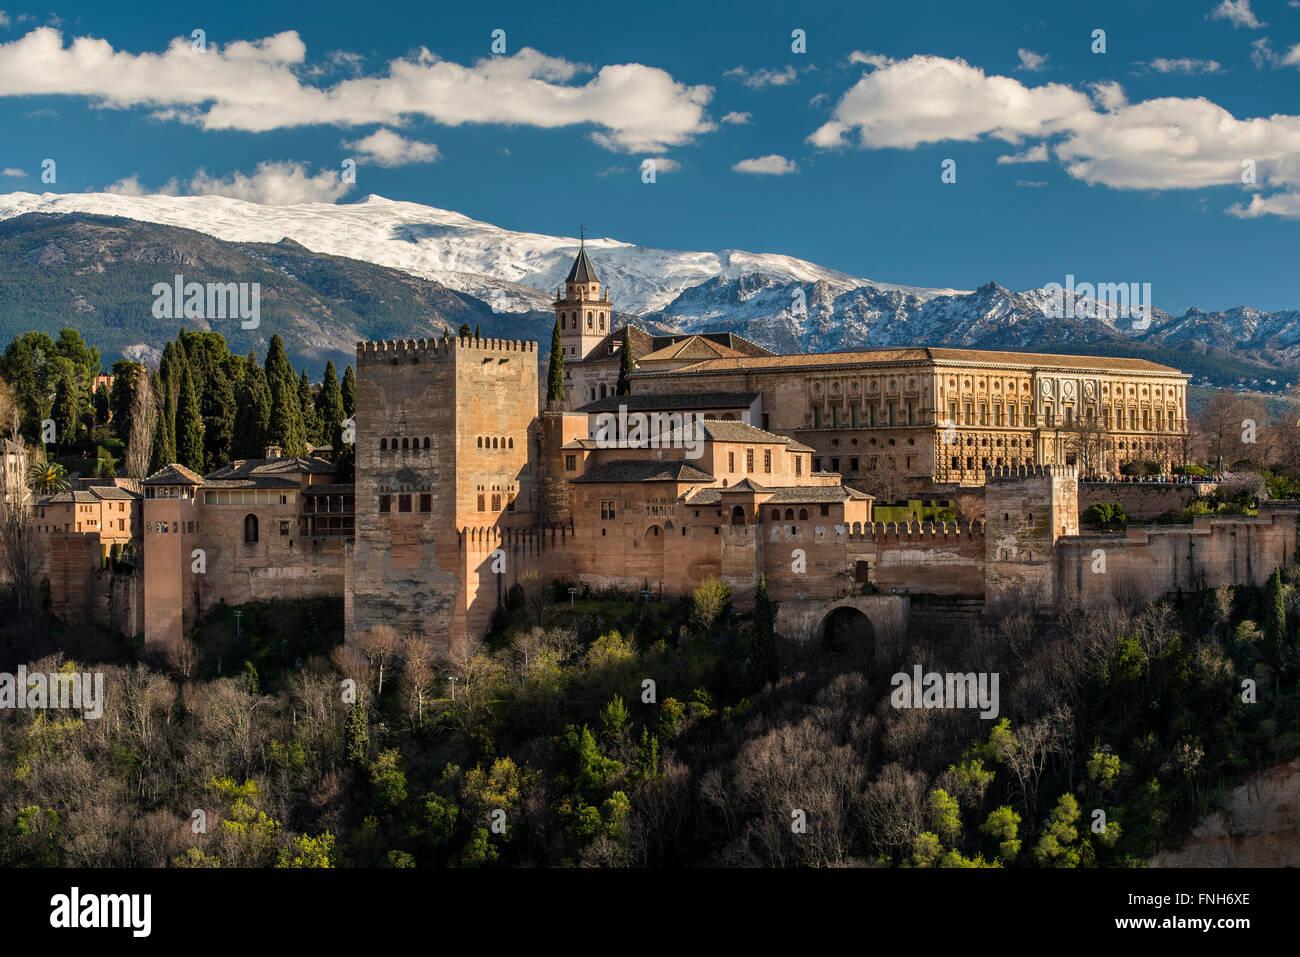 Palais de l'Alhambra avec la Sierra Nevada enneigée en arrière-plan, Grenade, Andalousie, Espagne Photo Stock